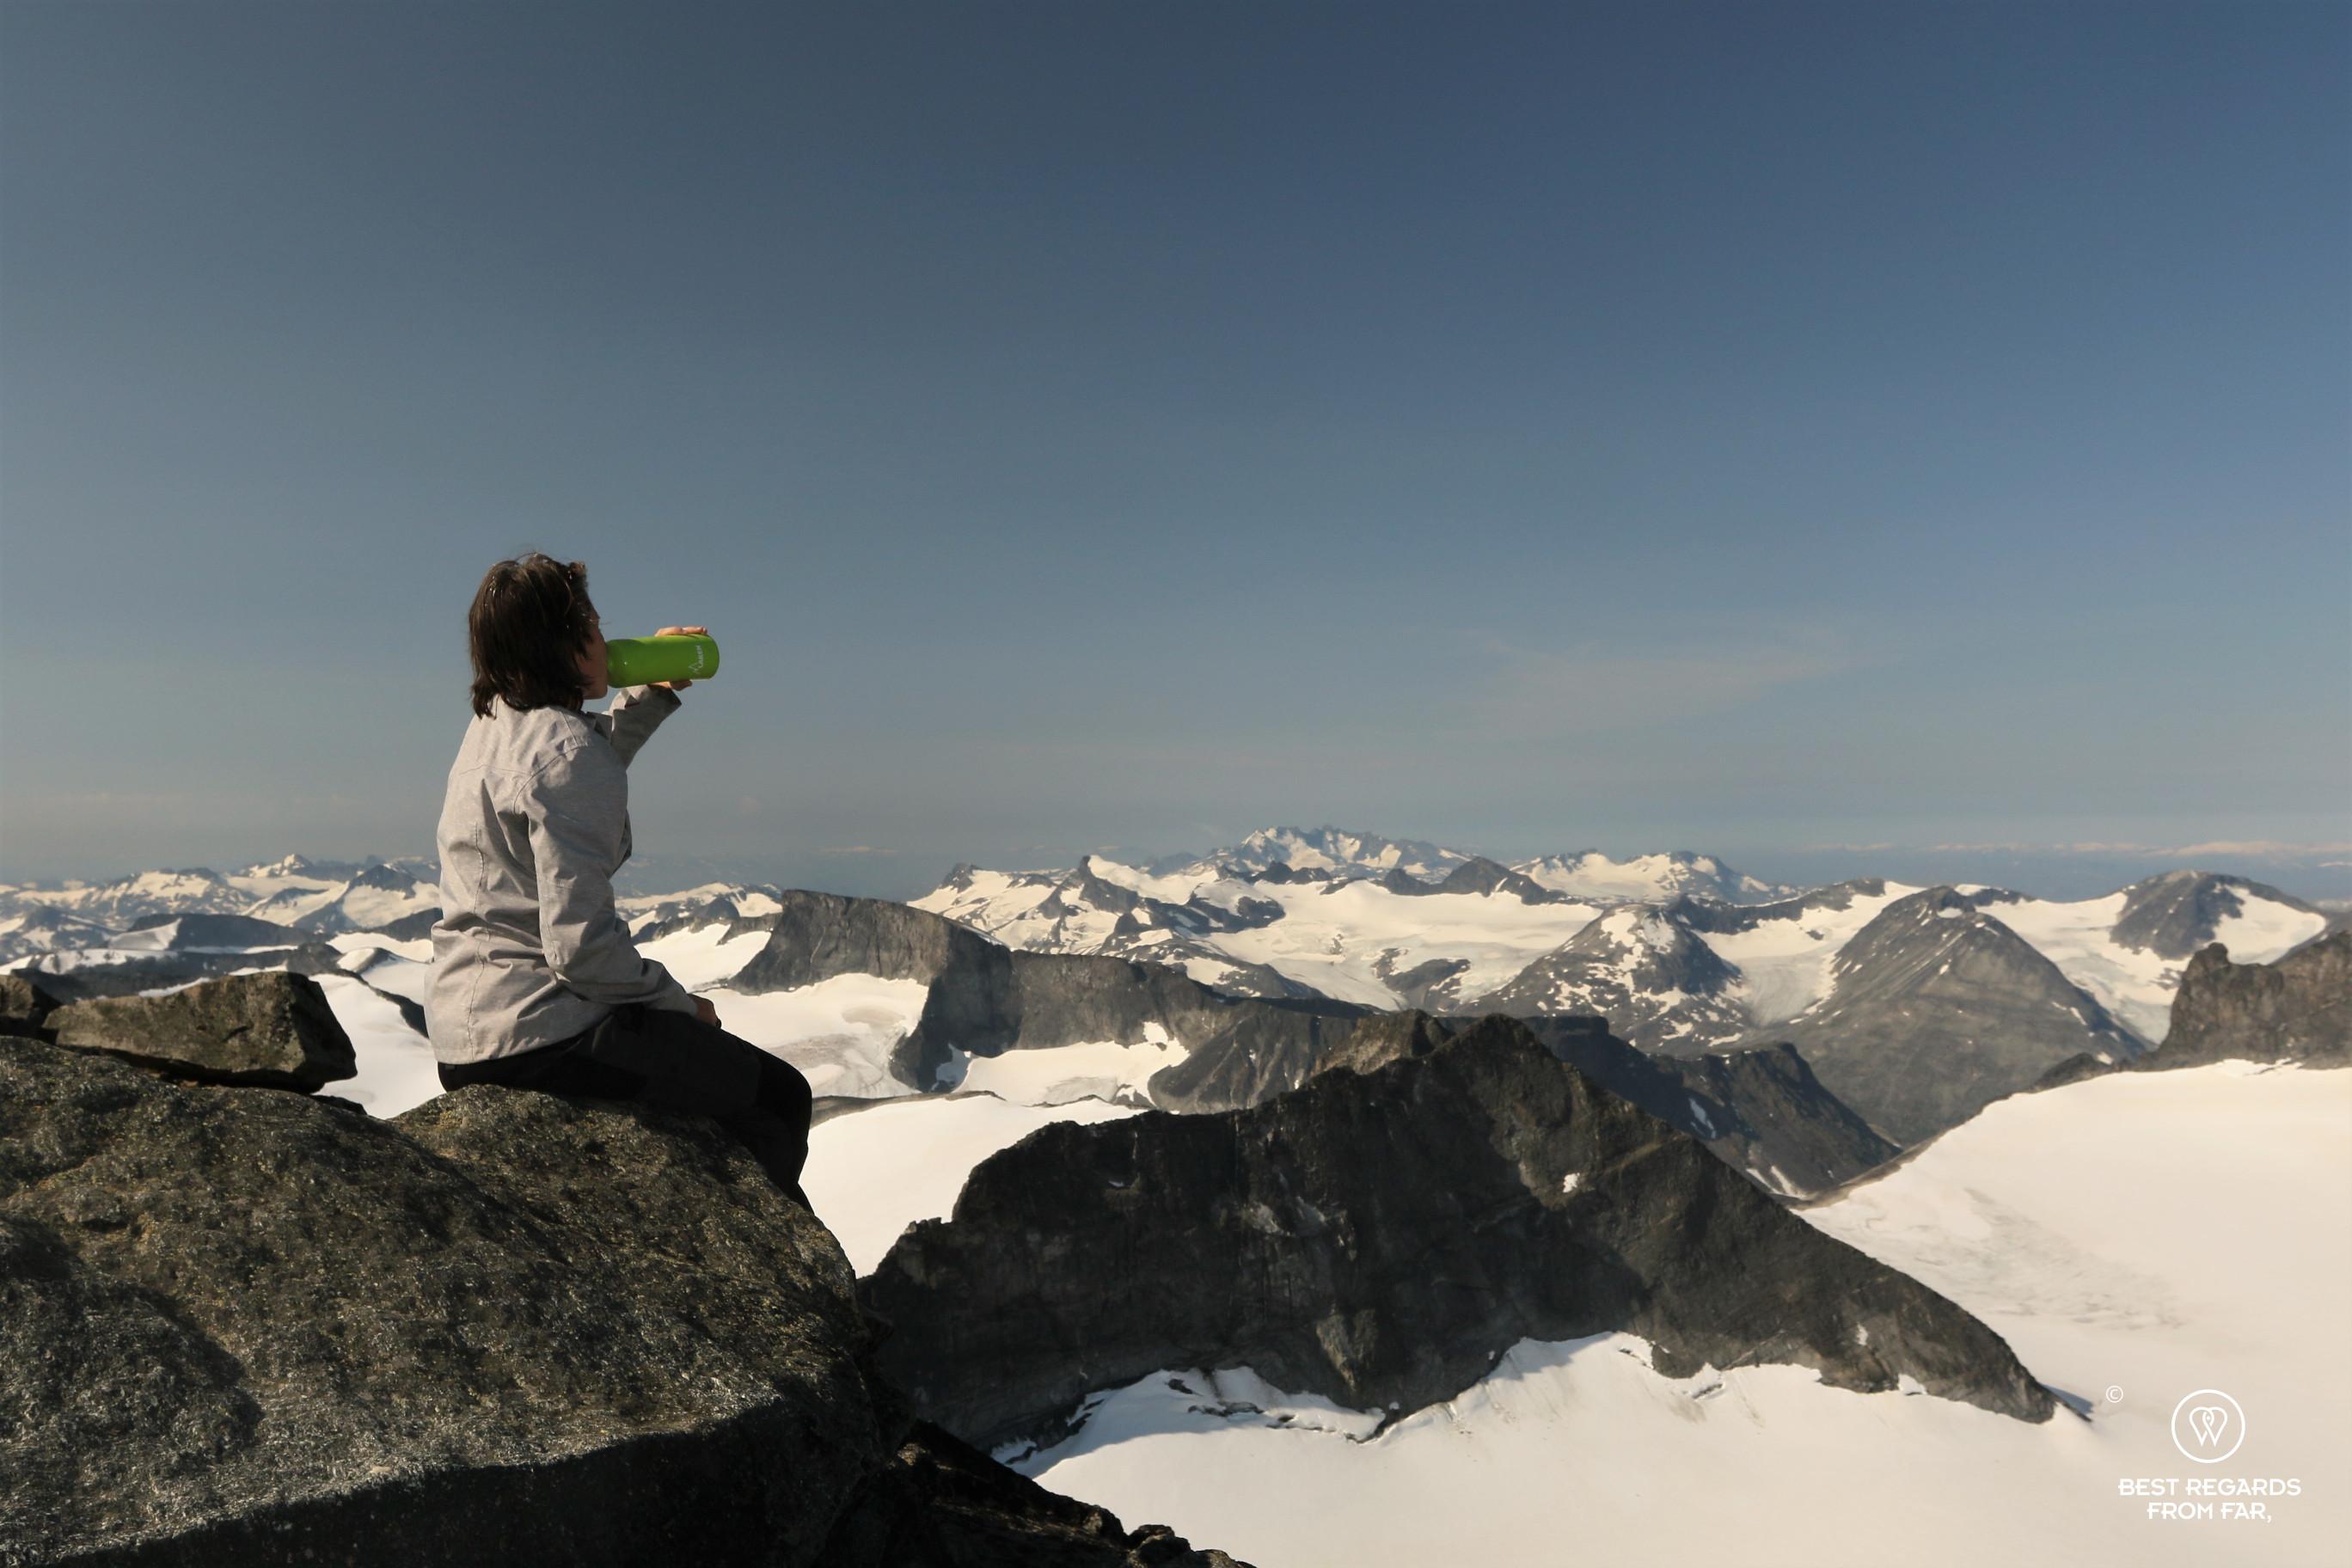 Woman drinking from a green Laken bottle overlooking snowy peaks of Norway in summer